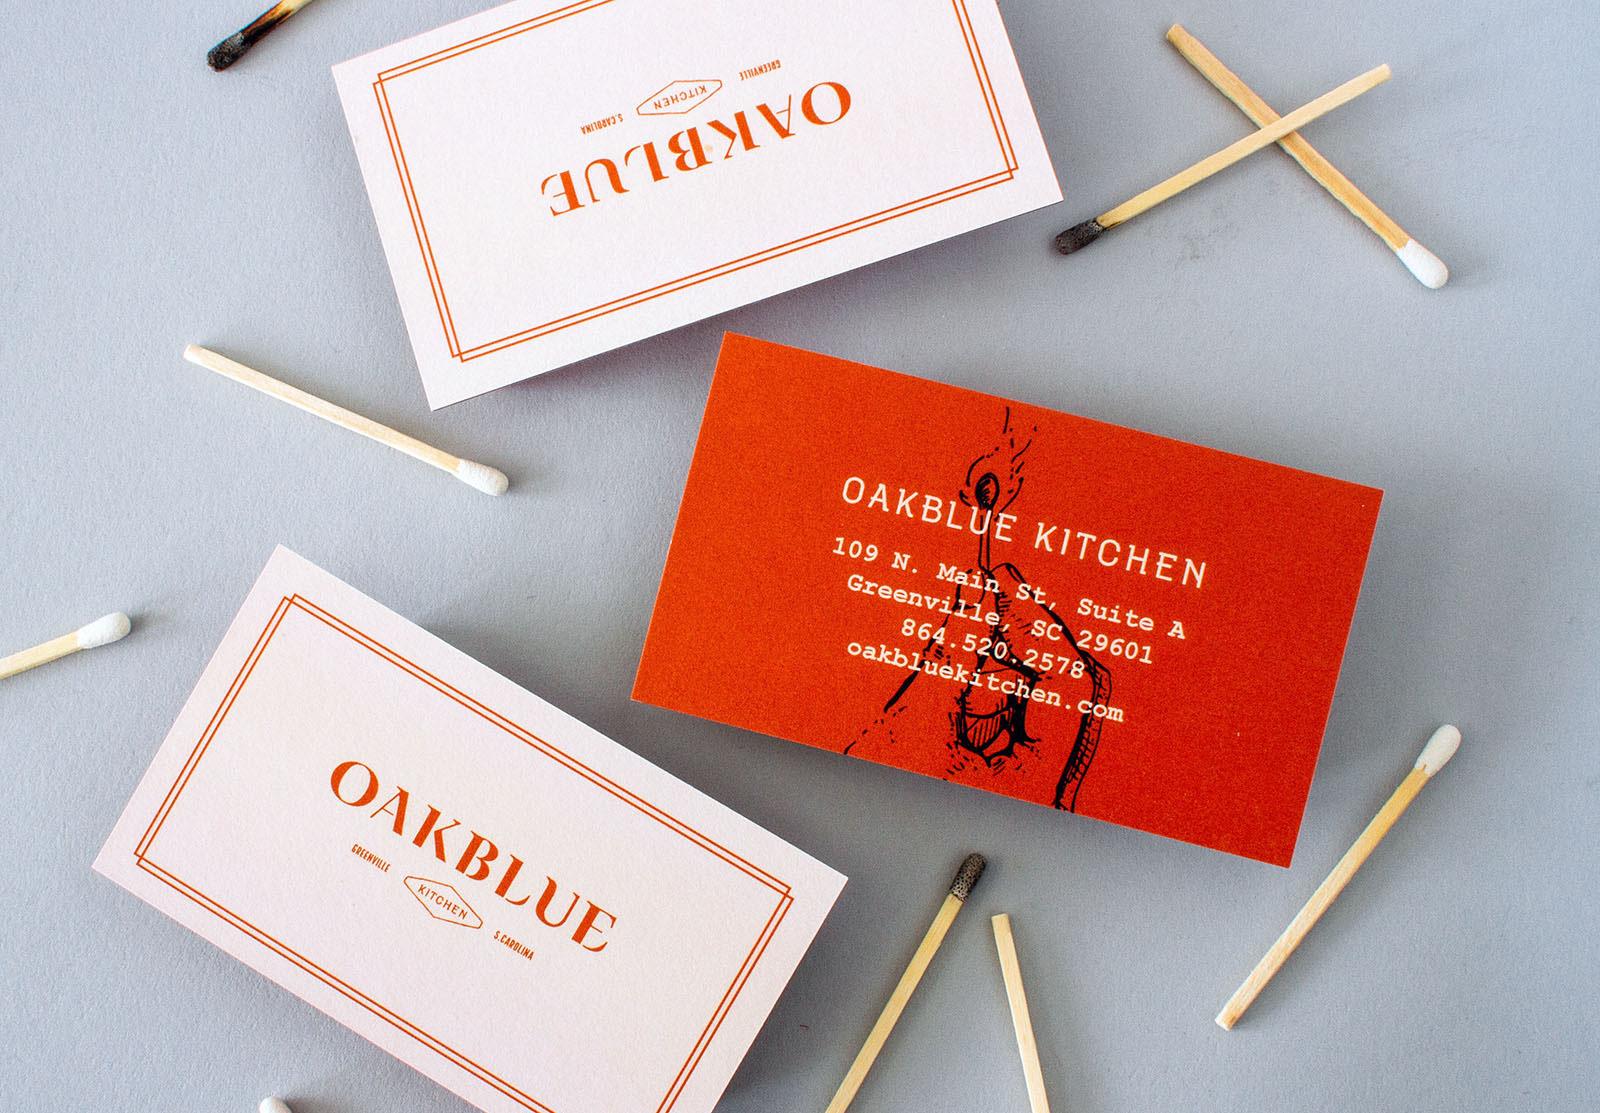 Oakblue Kitchen on Behance